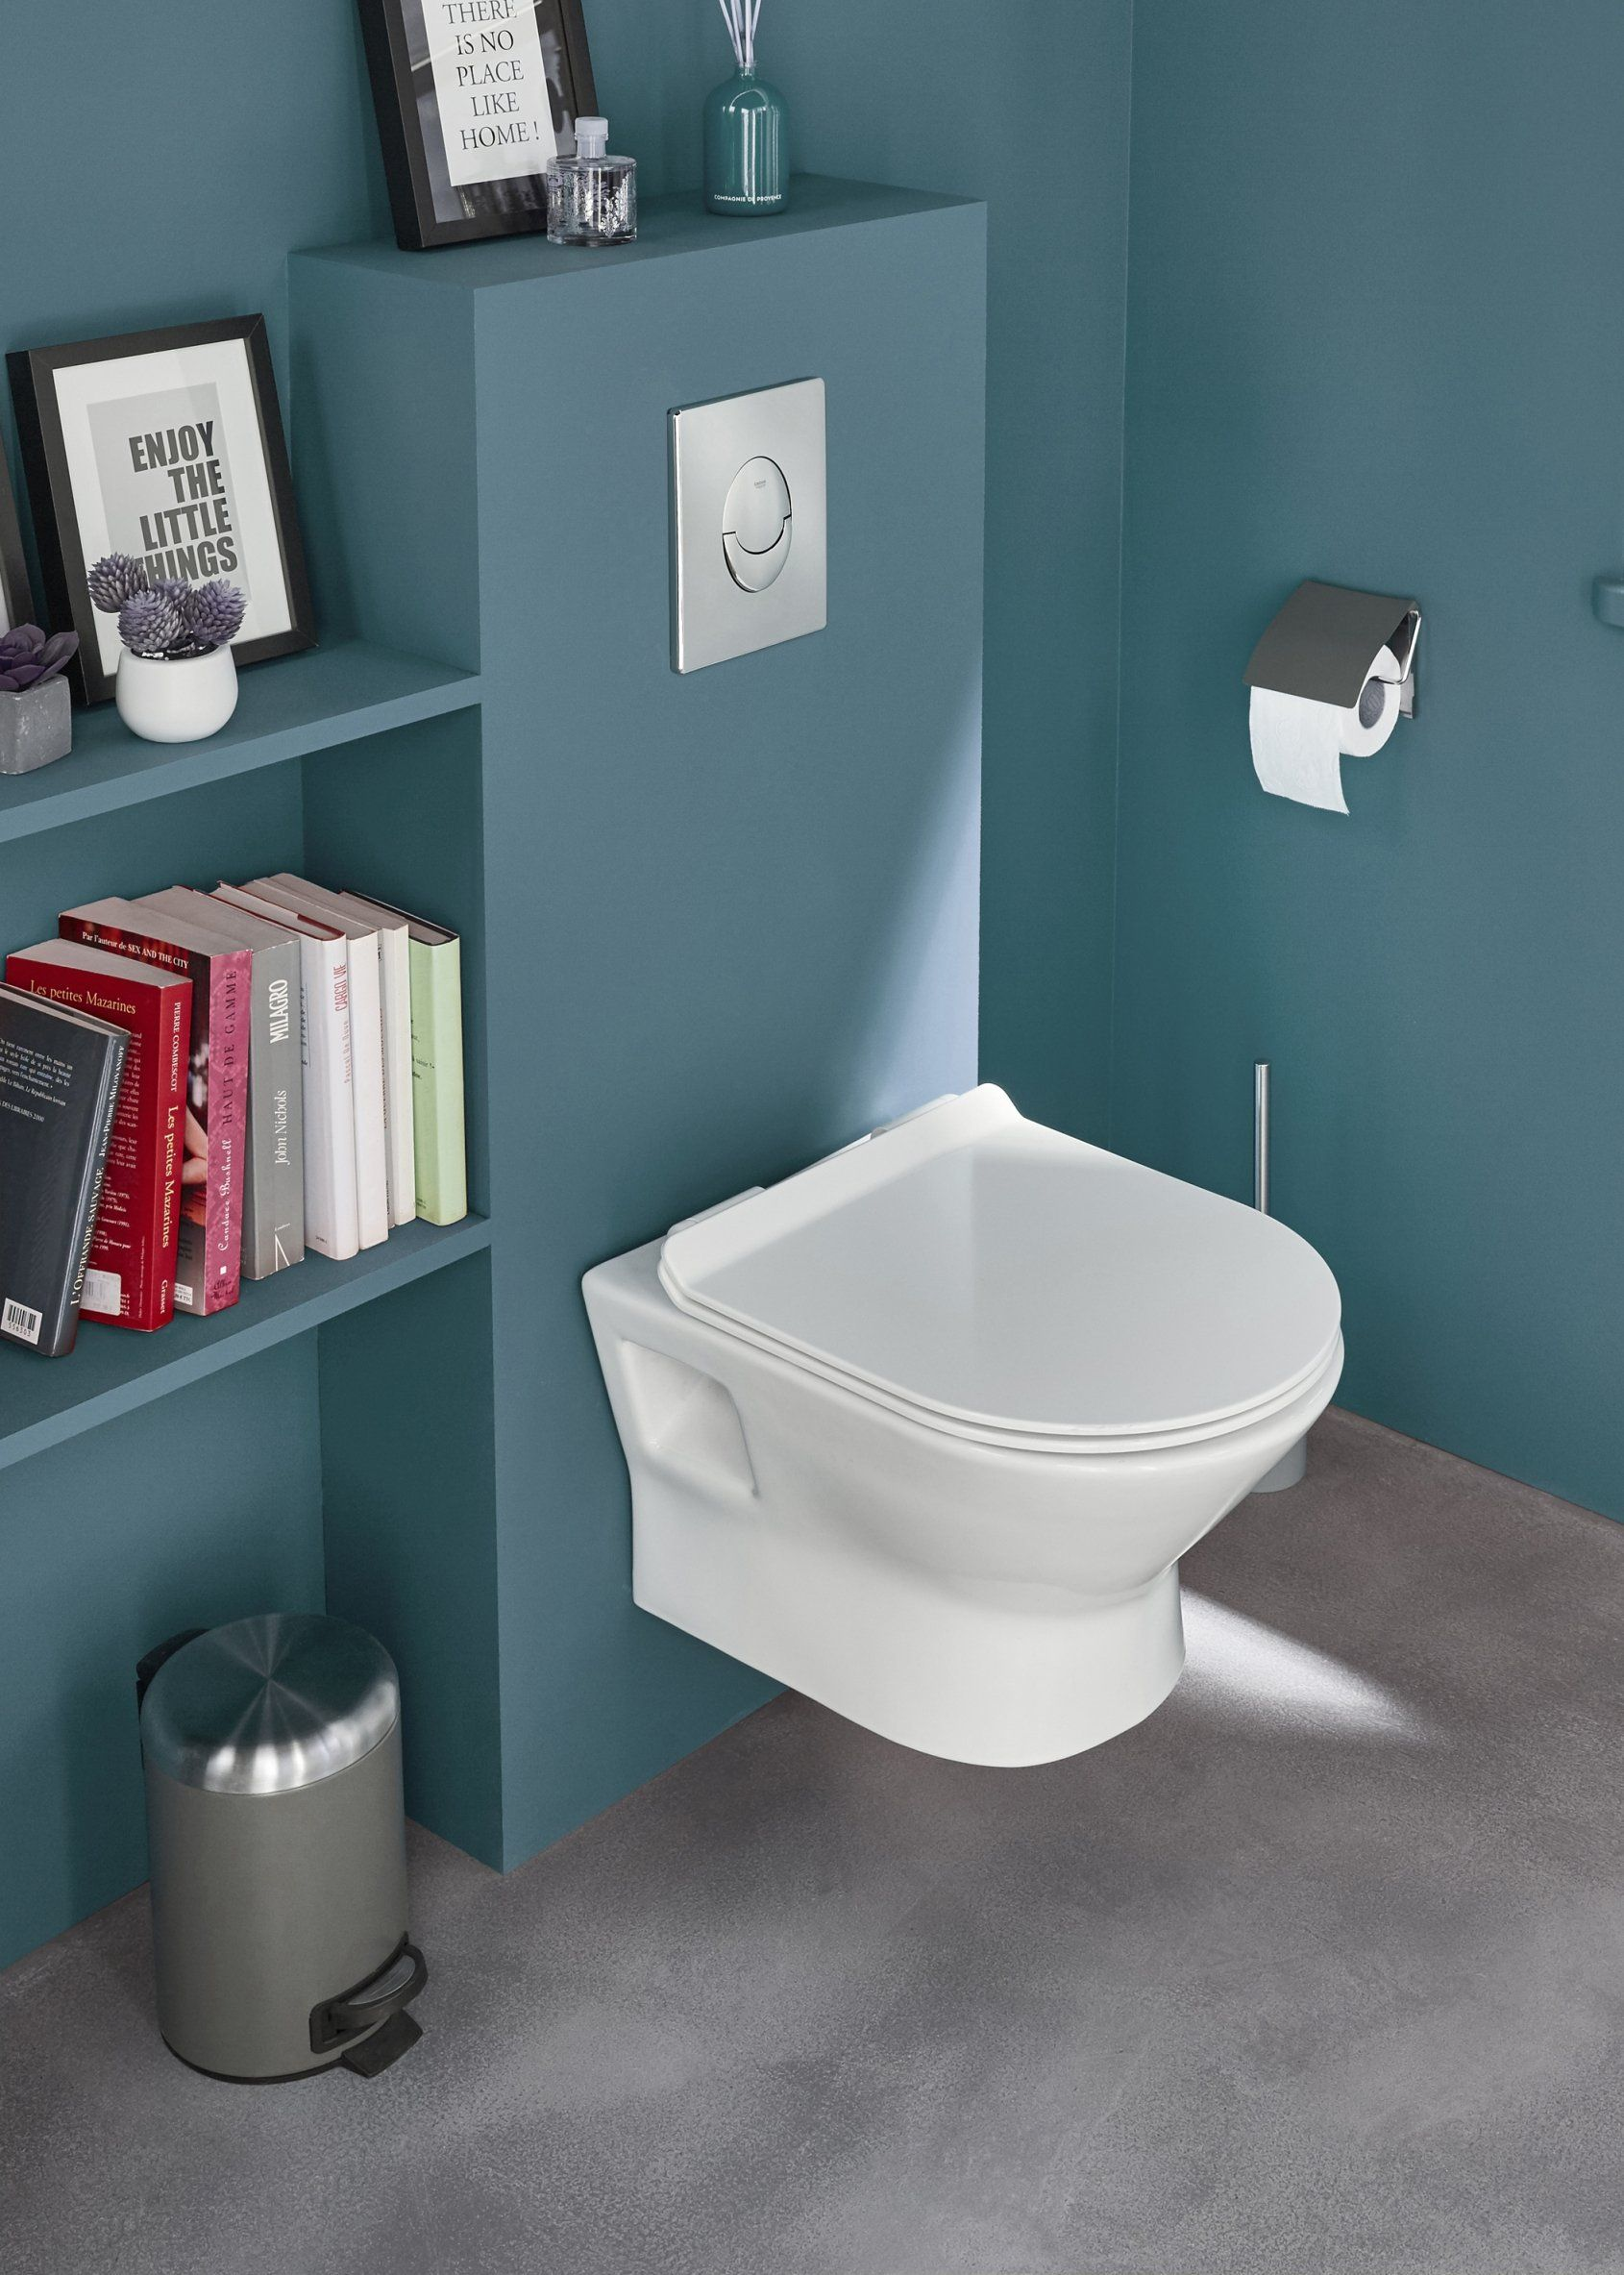 Une Mini Bibliotheque Dans Les Wc Decoration Toilettes Idee Deco Toilettes Relooking Toilettes